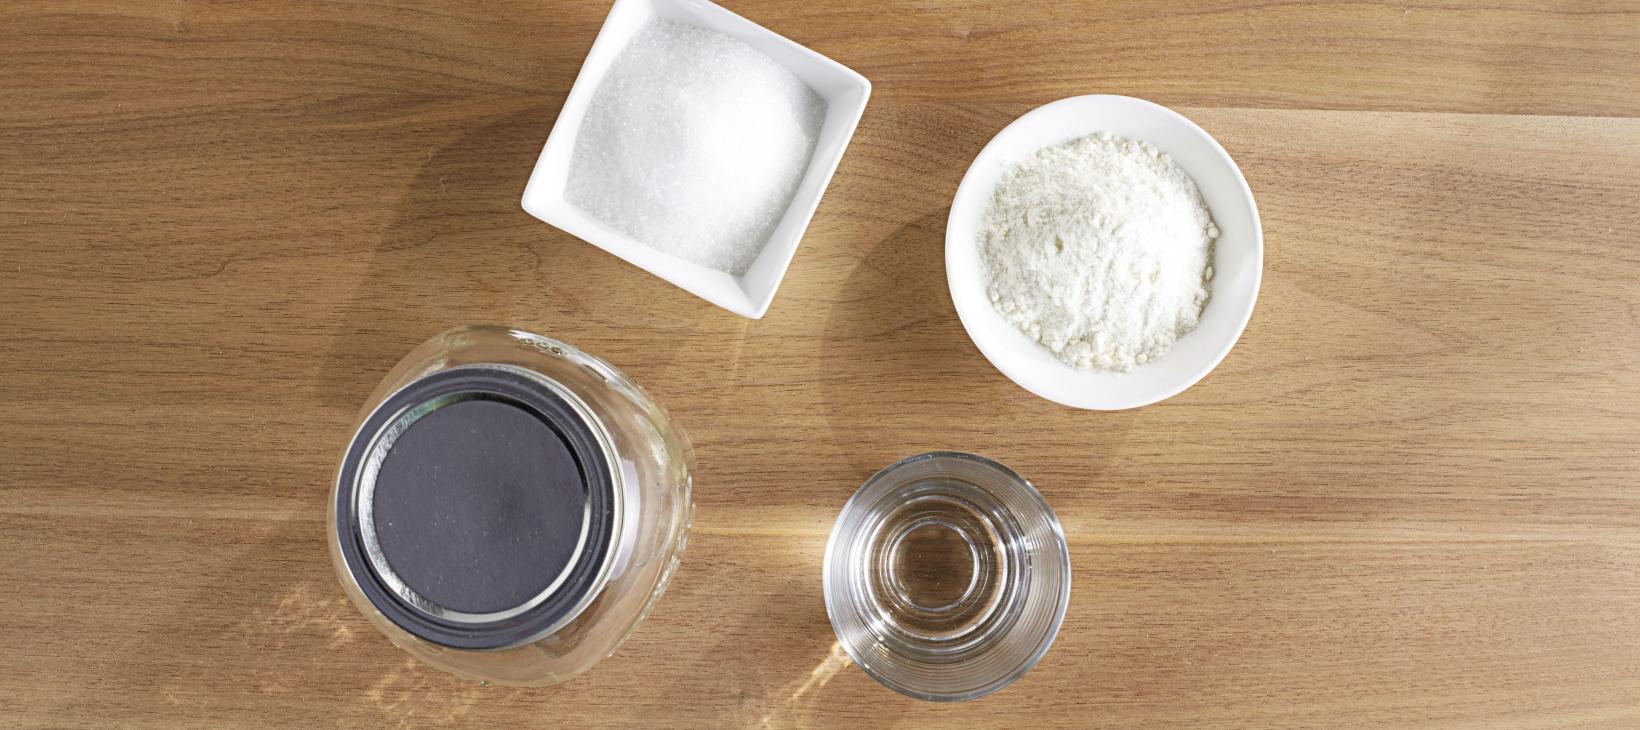 Mehlkleber Tipp Material: Mehl, Zucker, Wasser